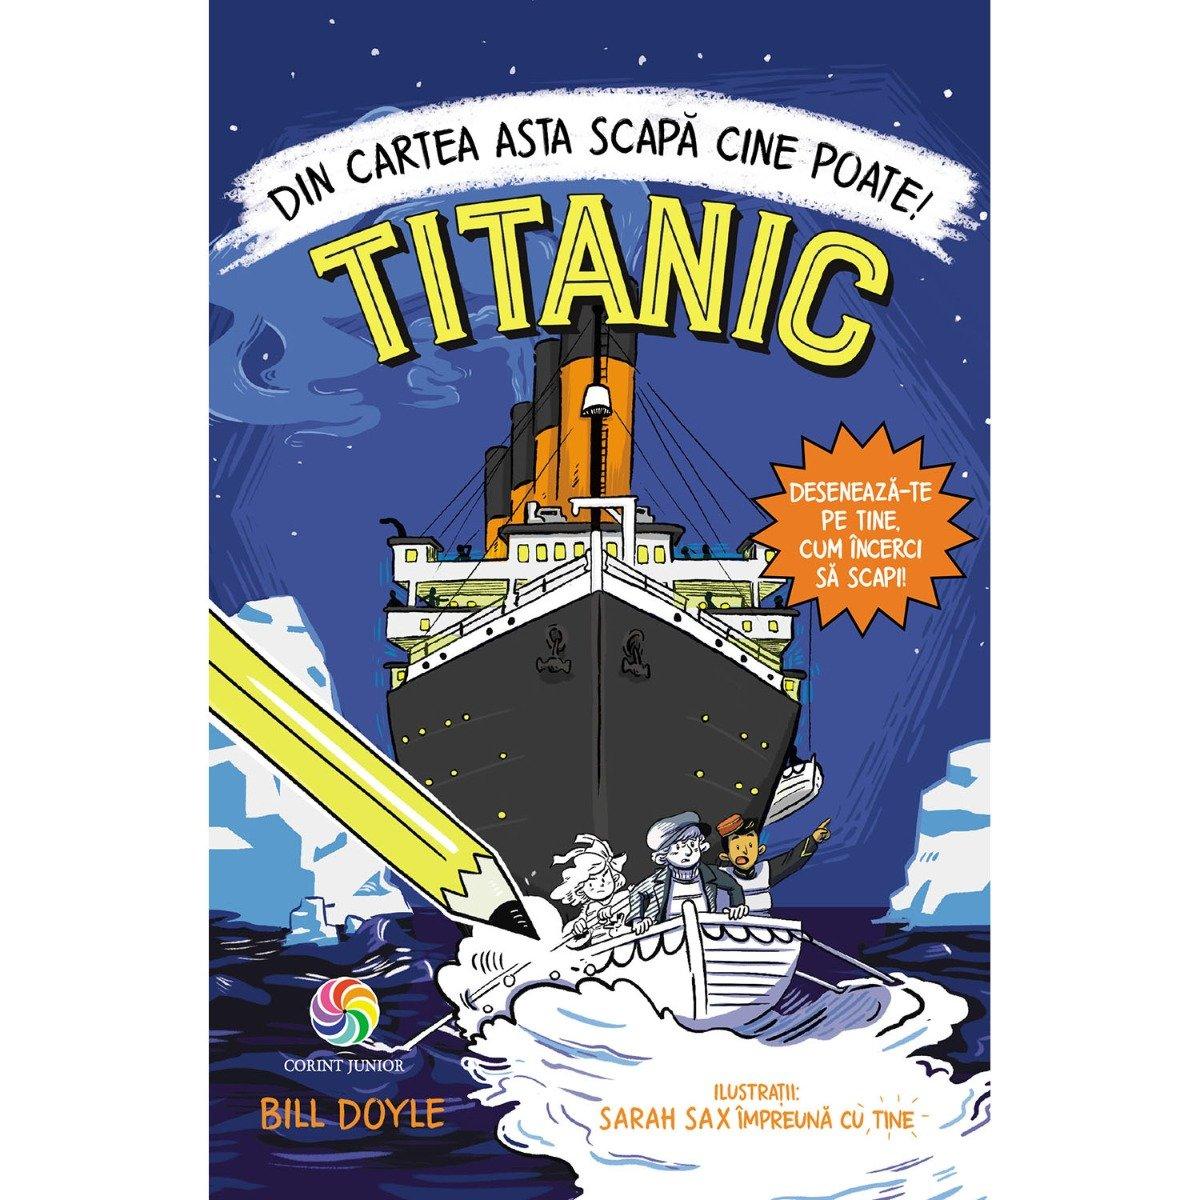 Carte Editura Corint, Titanic. Din cartea asta scapa cine poate! Bill Doyle